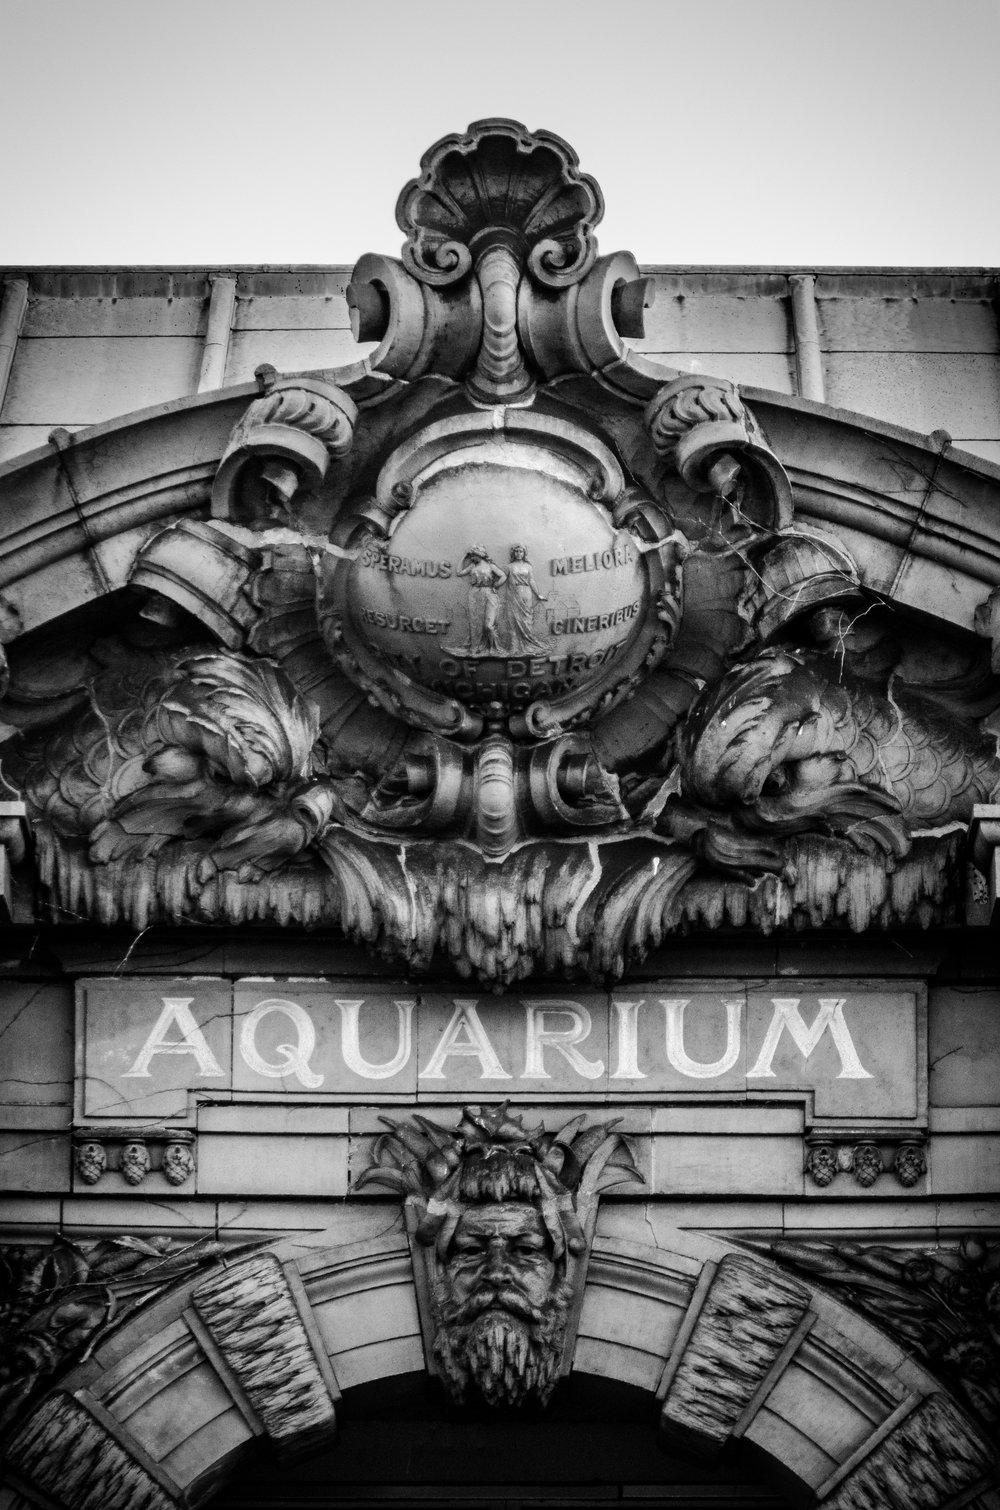 Belle Isle Aquarium entrance